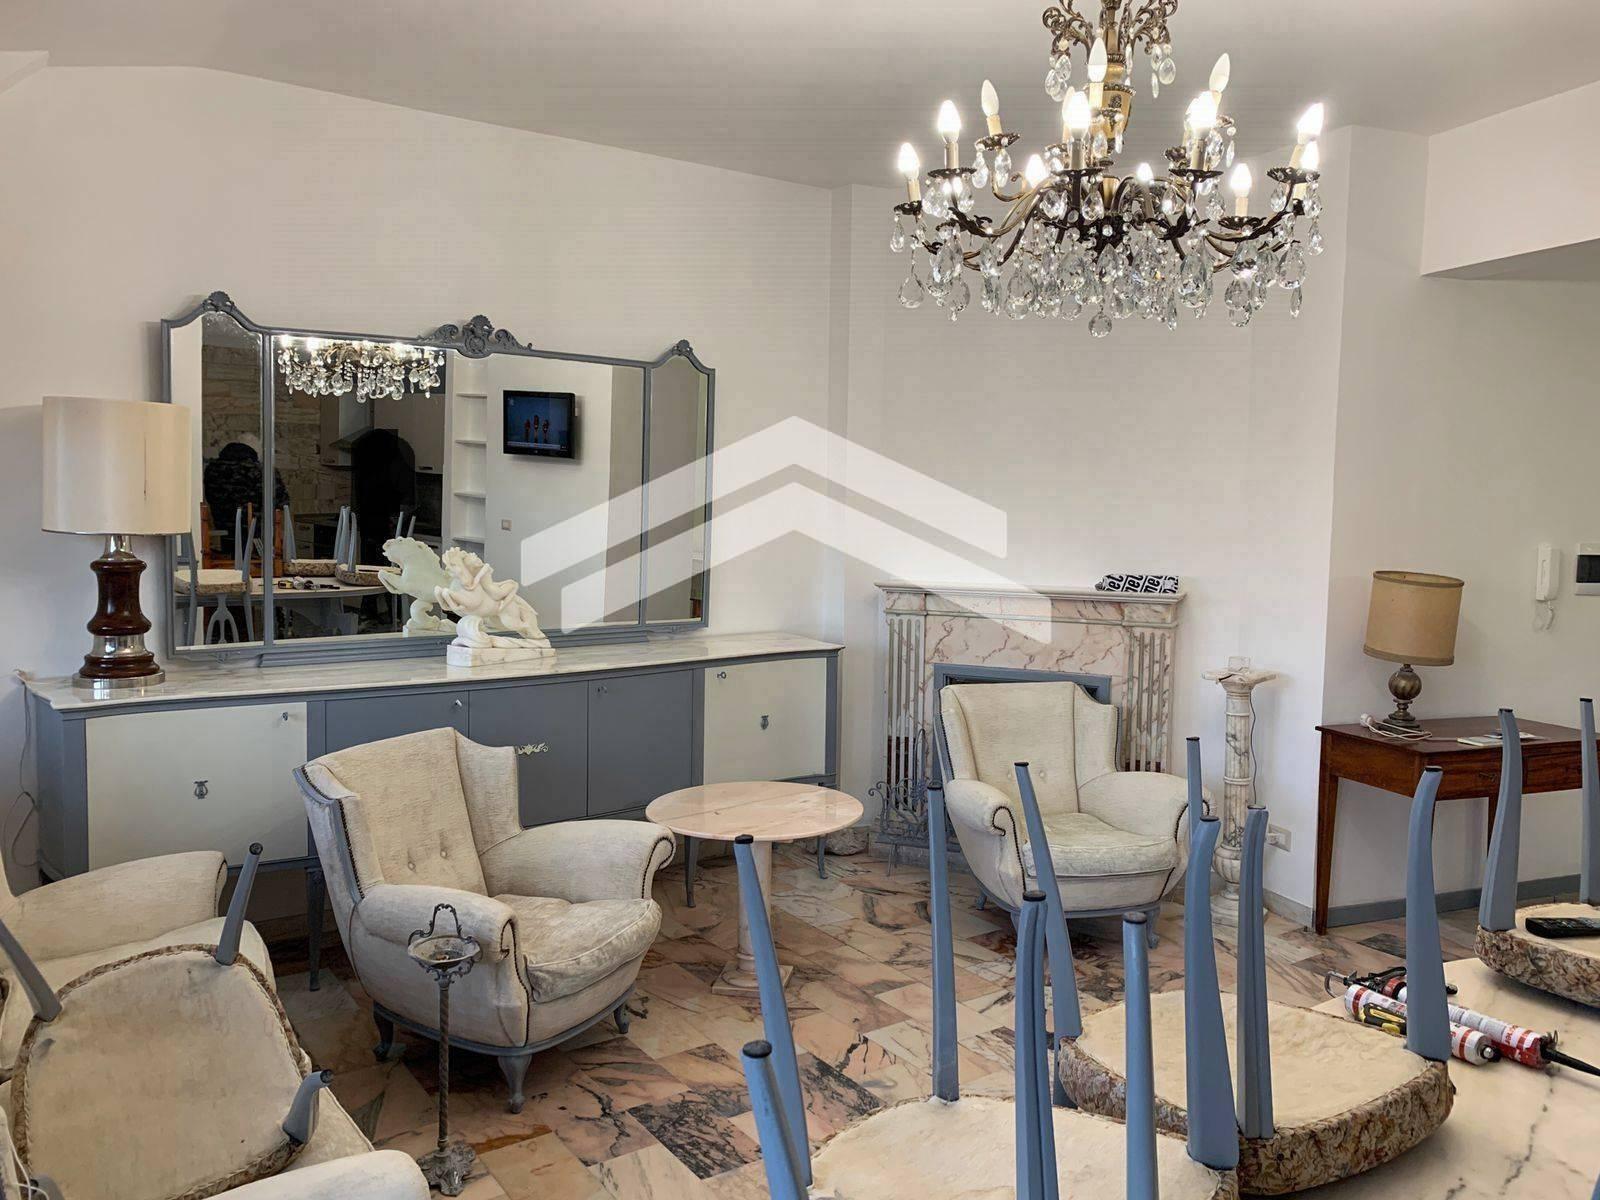 Appartamento in affitto a Campobasso (CB)